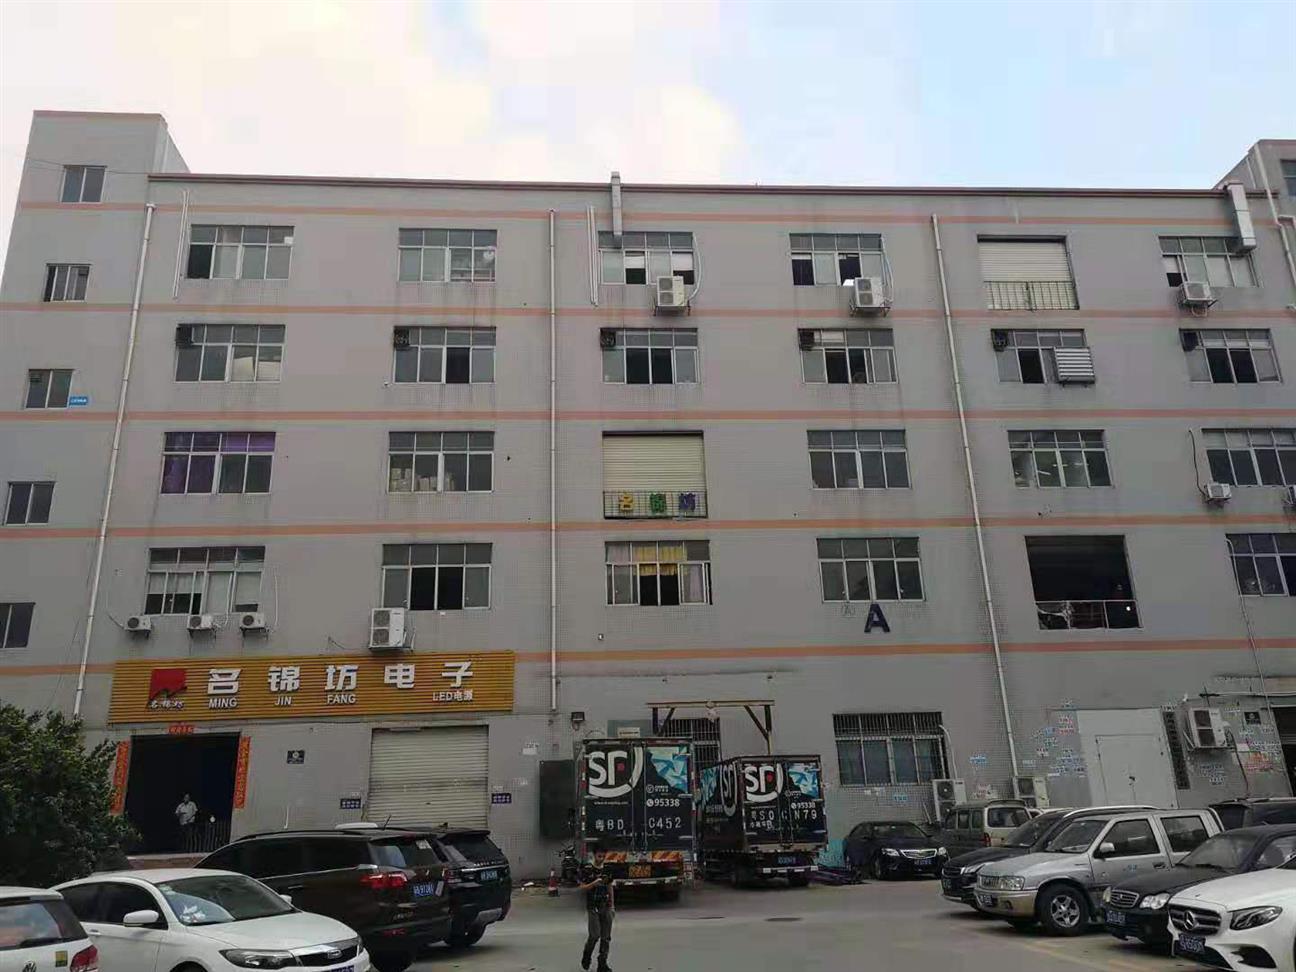 内江房屋租赁合同检测中心